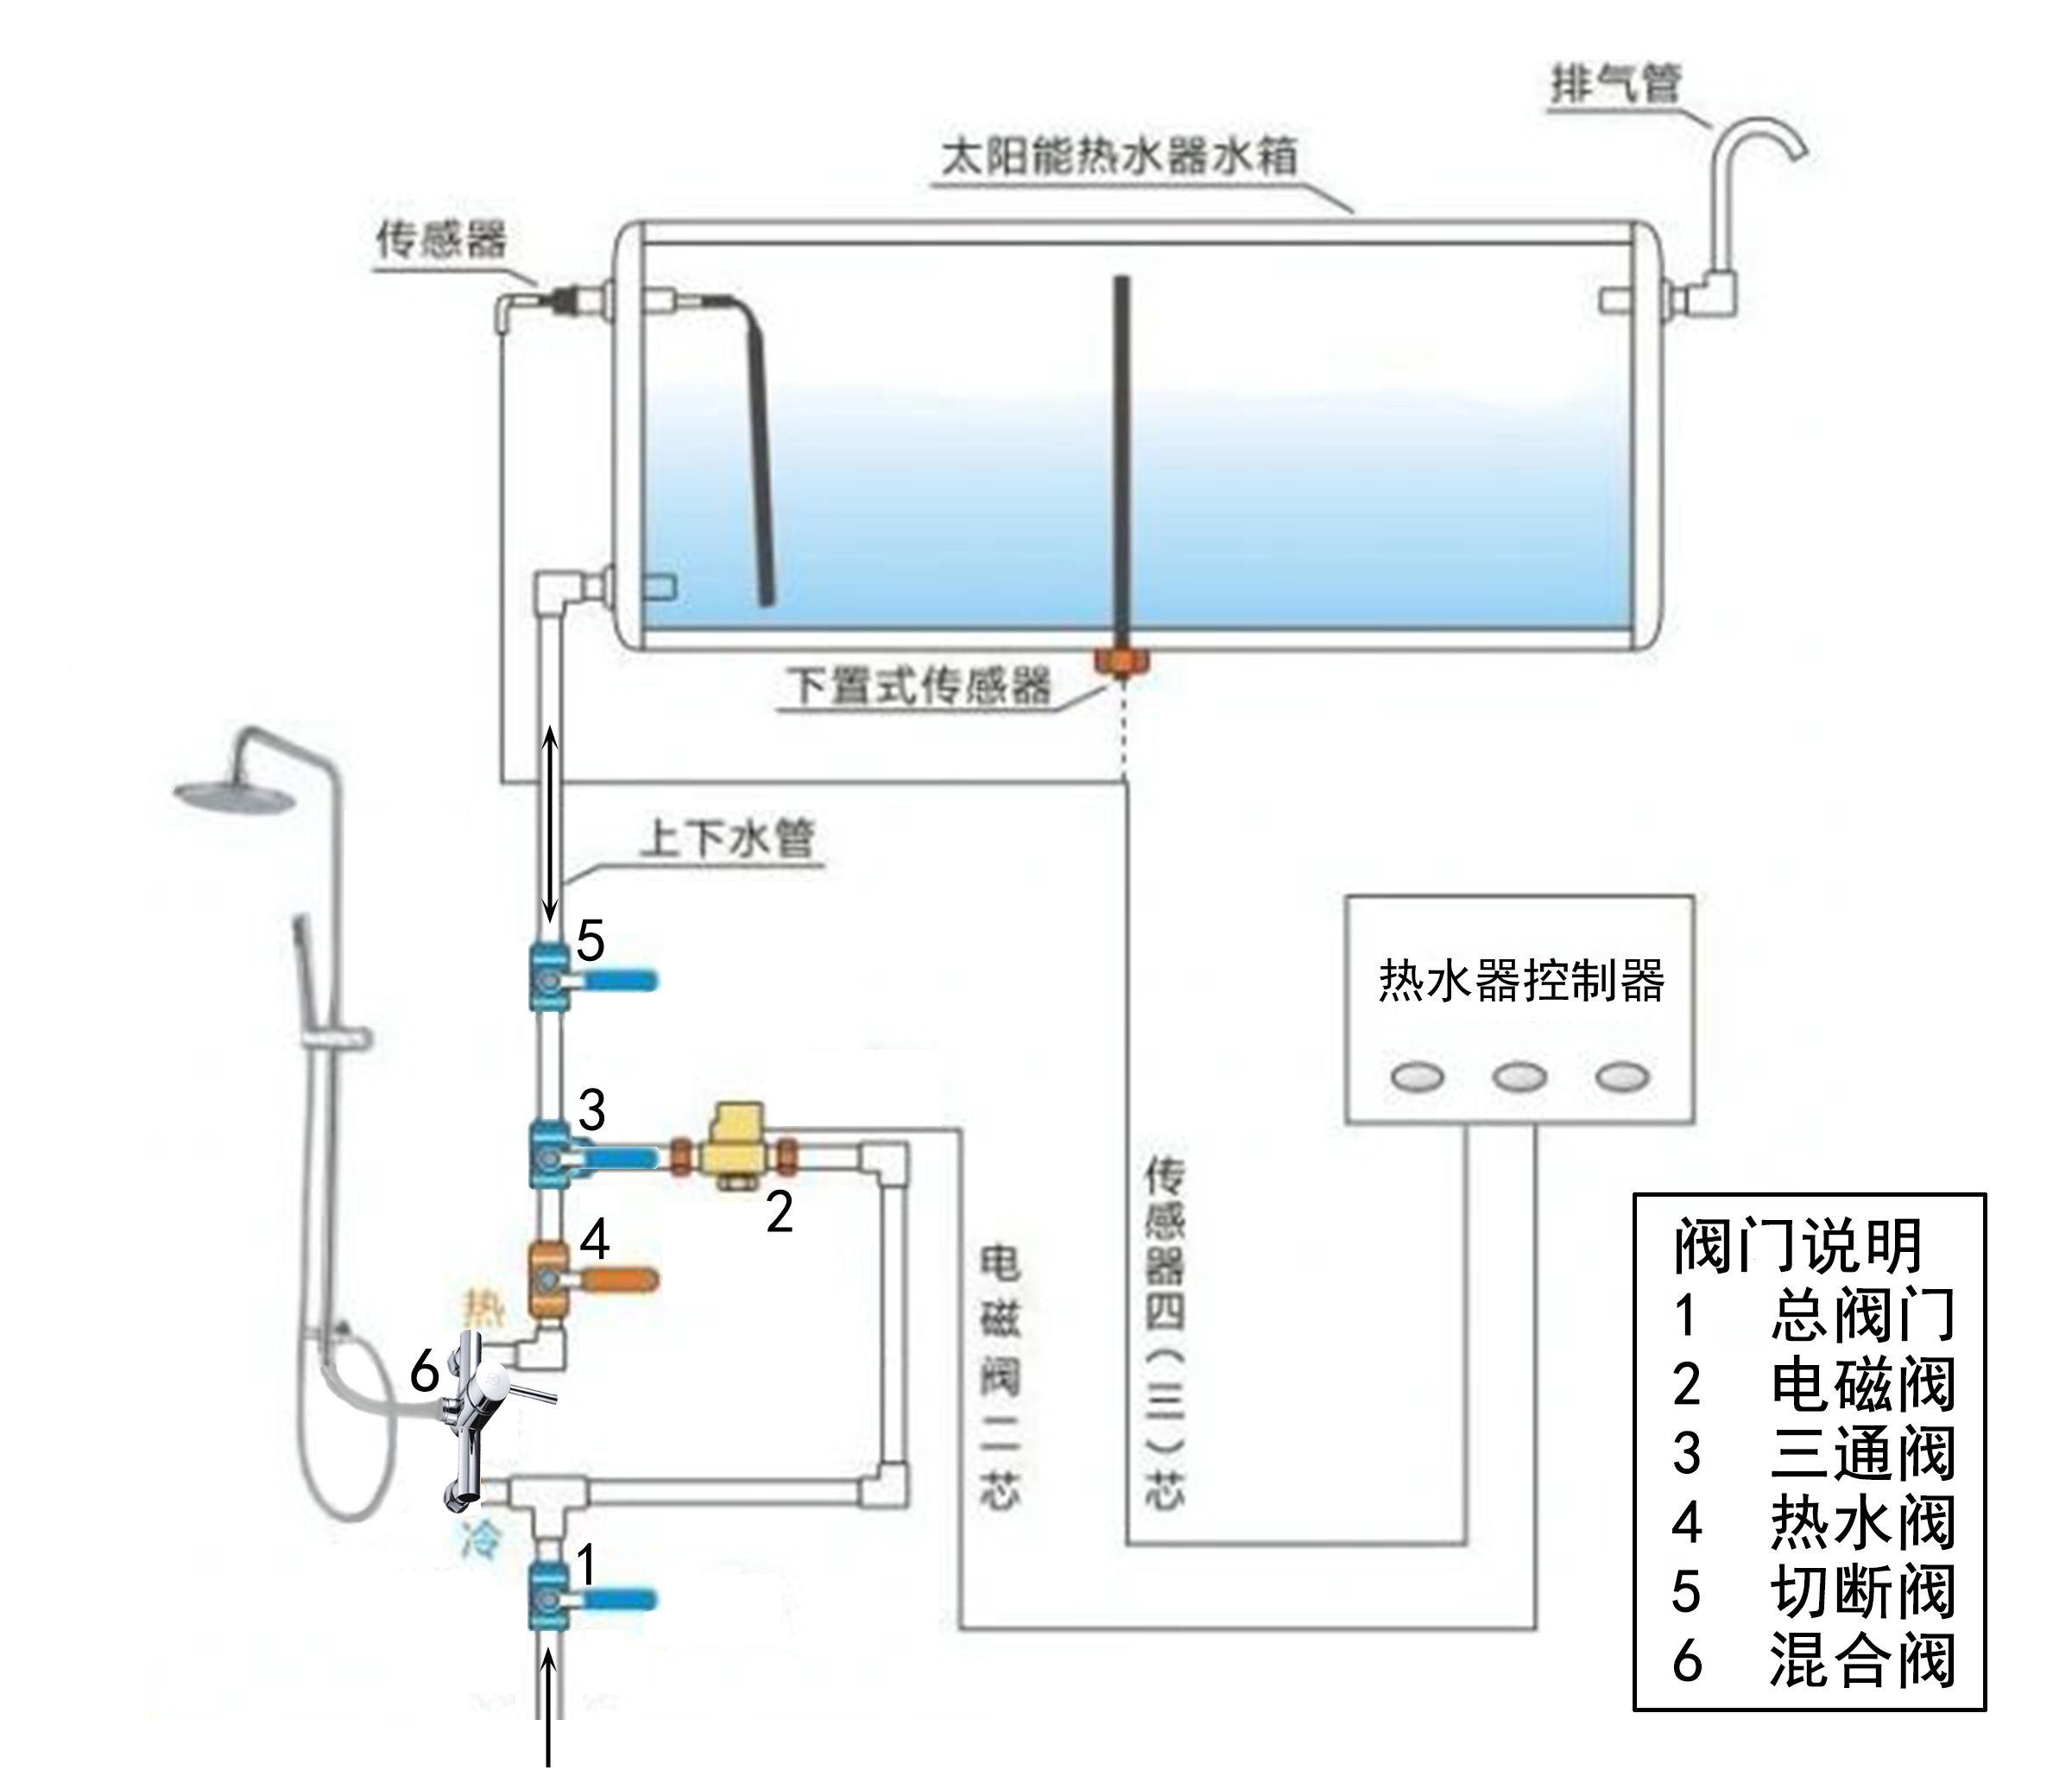 太阳能热水器供暖_上下水一根管子的太阳能热水器放不出热水怎么办_百度知道